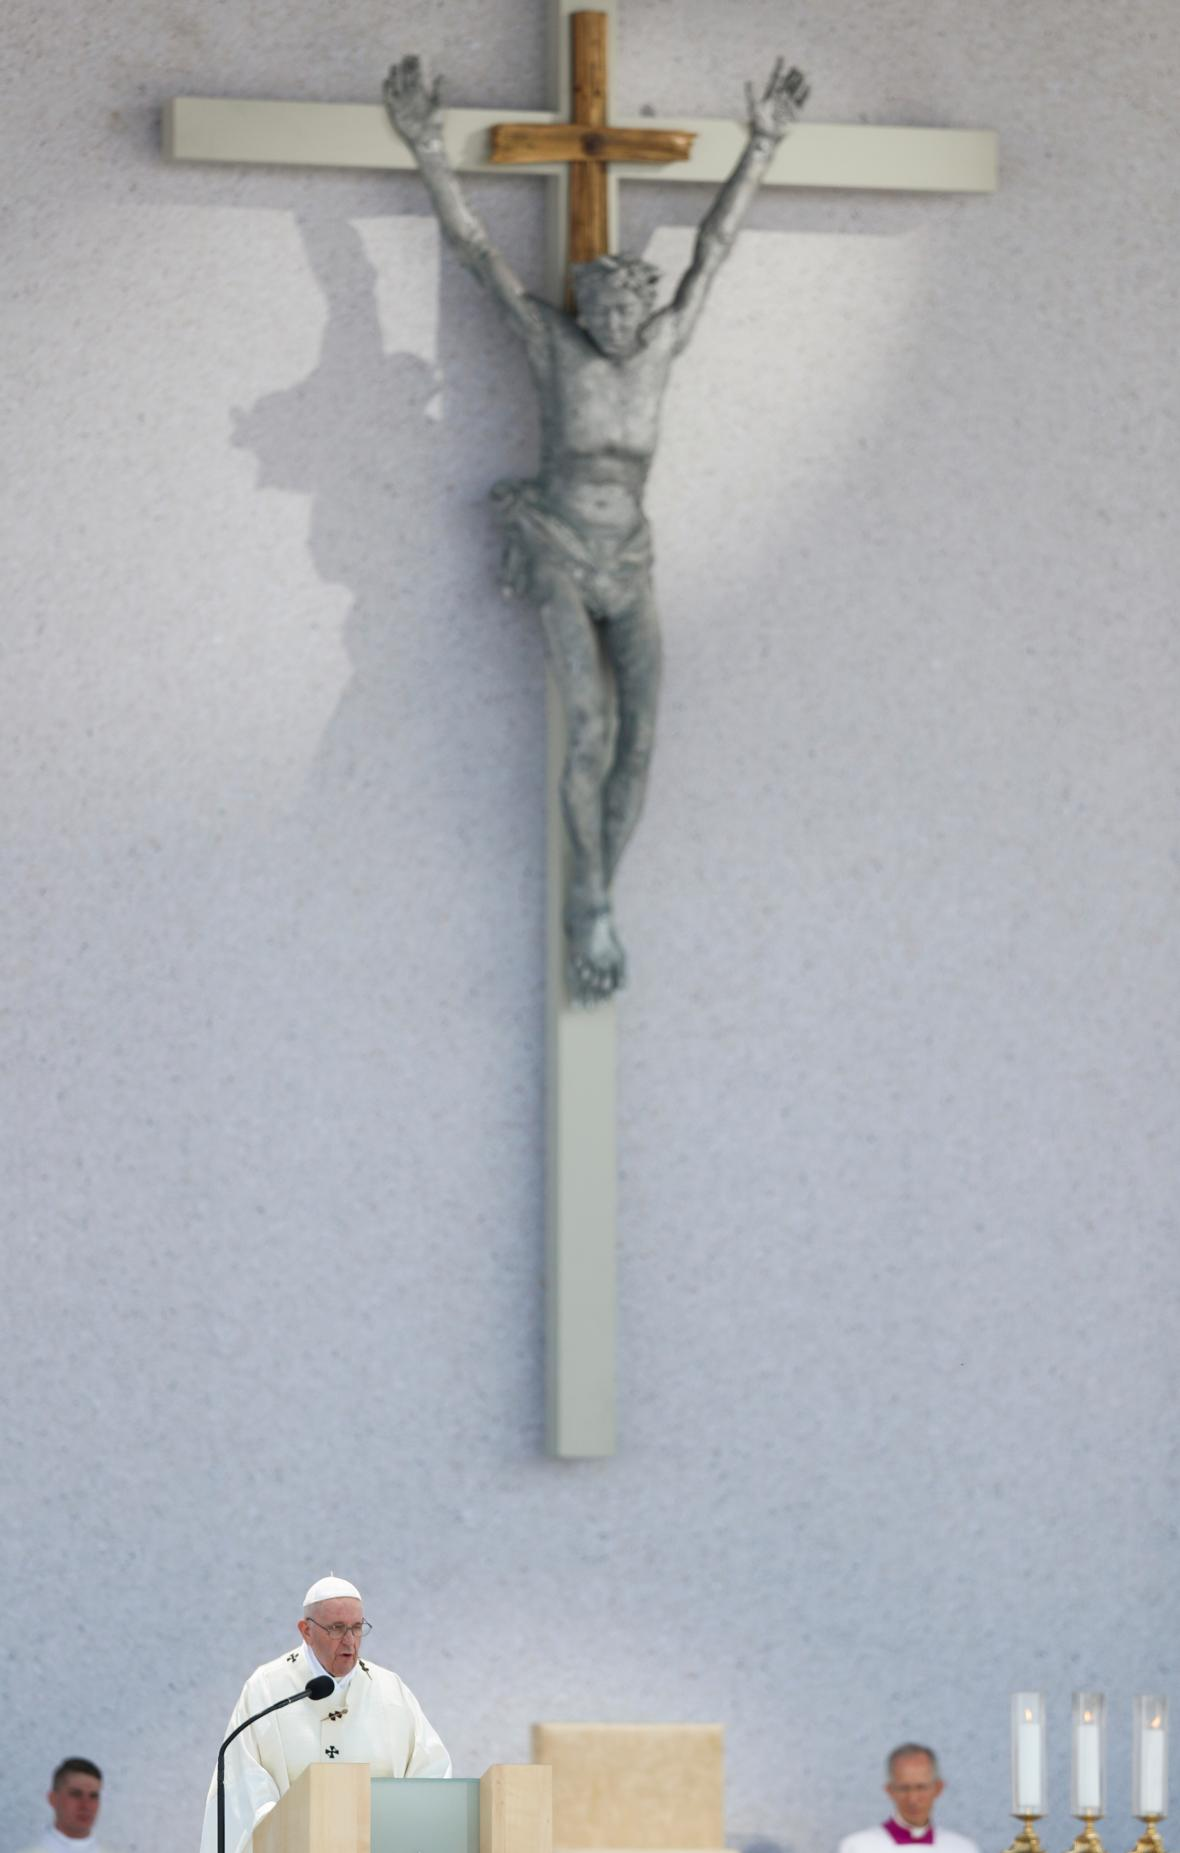 Papež František odsloužil mši v Šaštíně